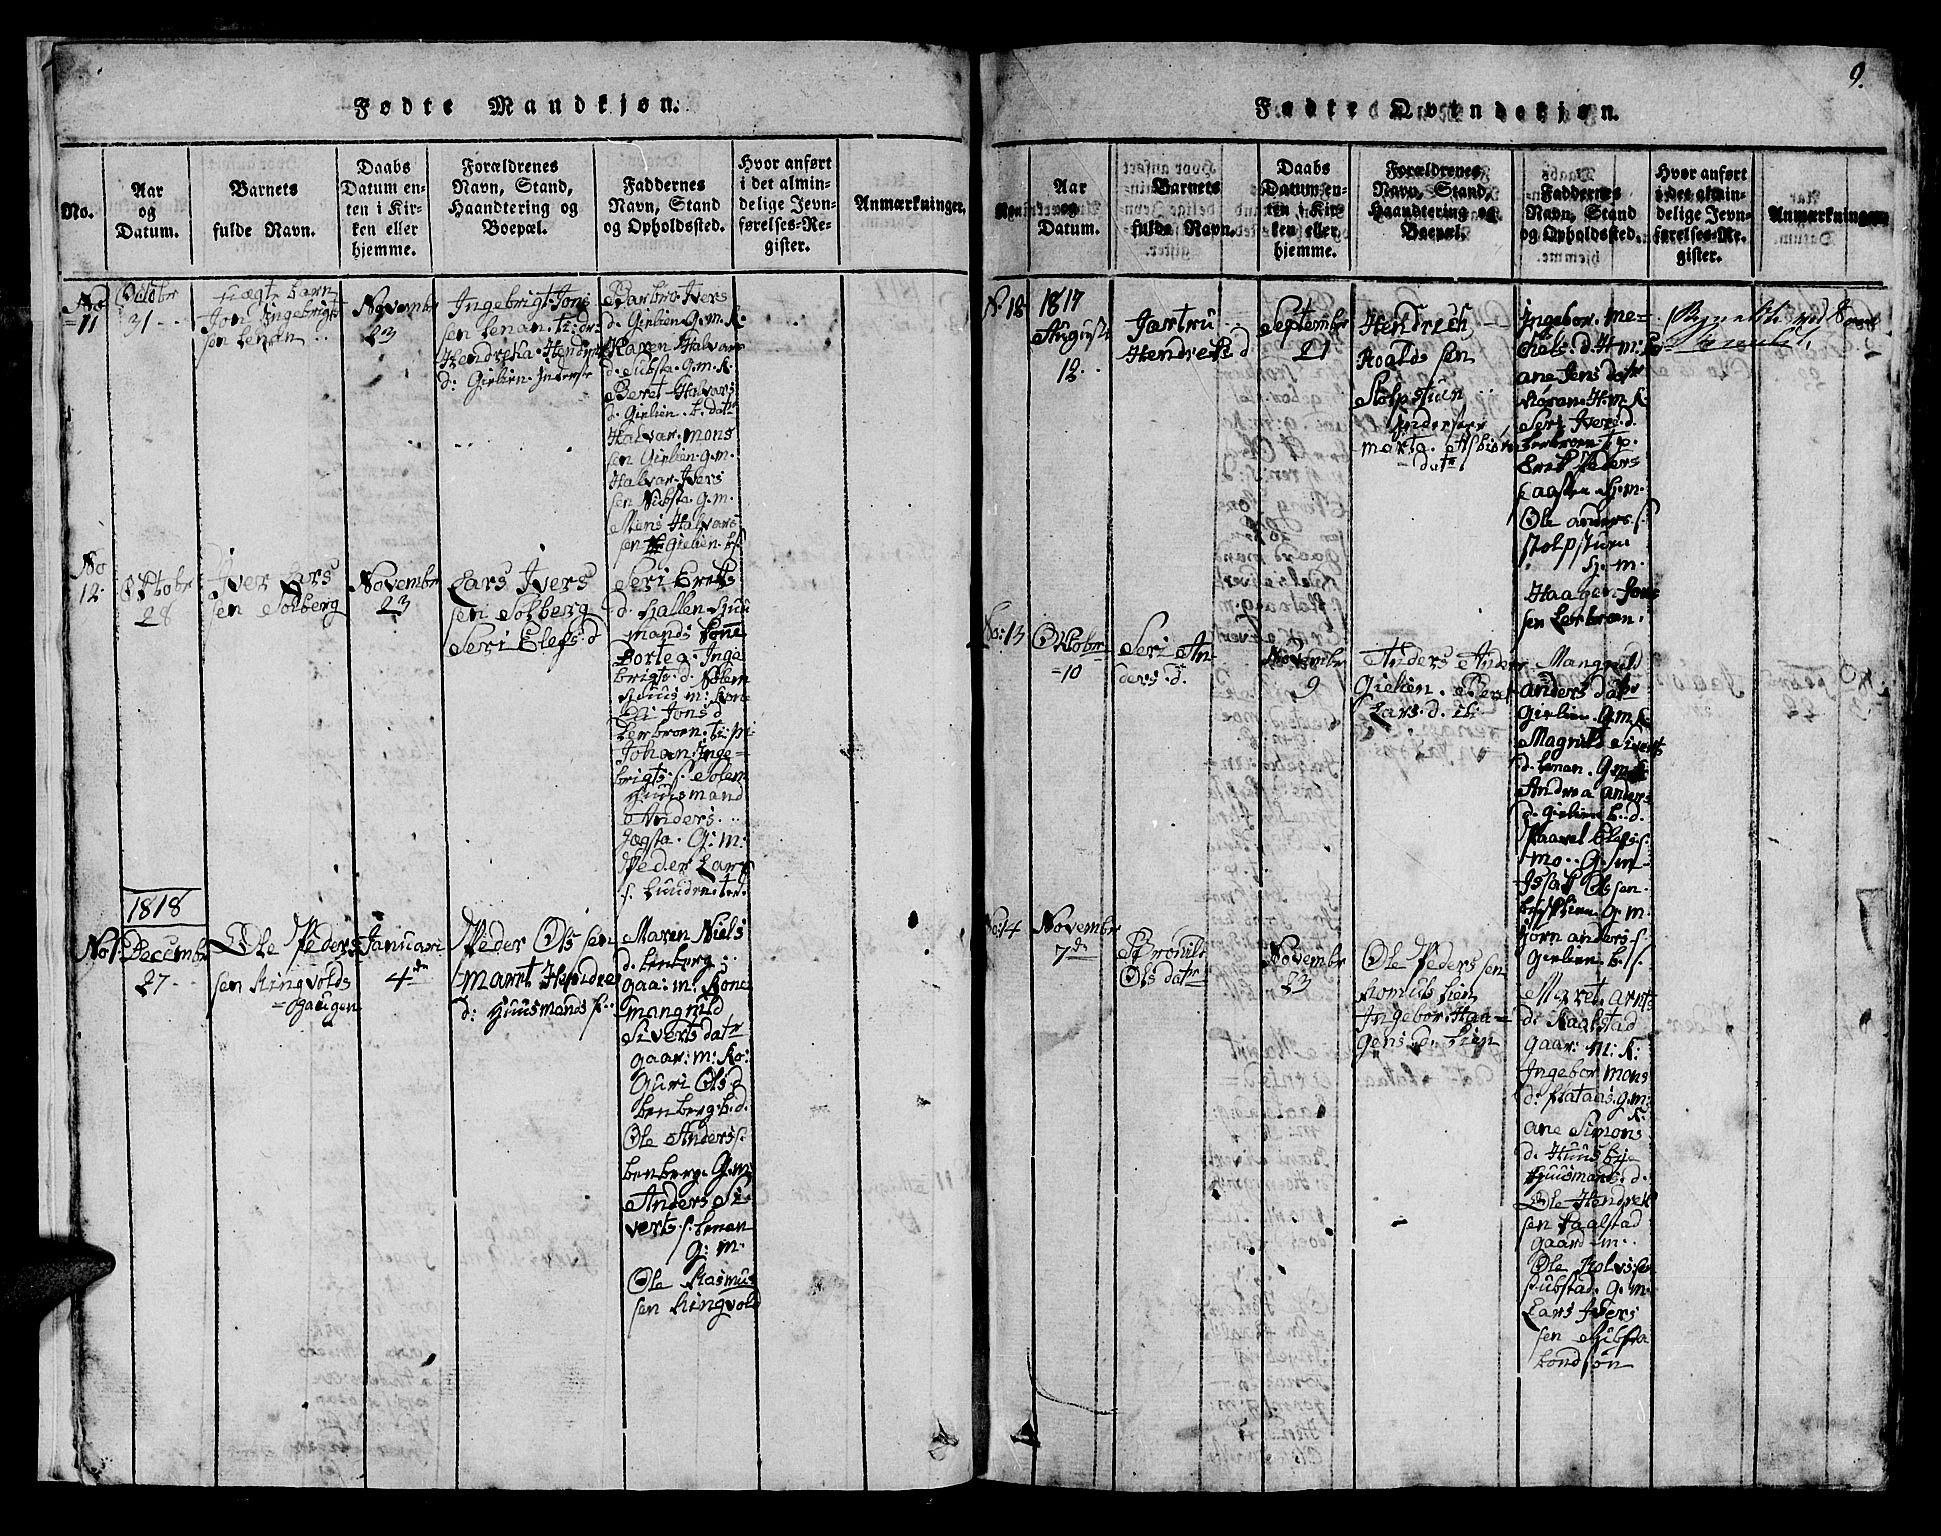 SAT, Ministerialprotokoller, klokkerbøker og fødselsregistre - Sør-Trøndelag, 613/L0393: Klokkerbok nr. 613C01, 1816-1886, s. 9